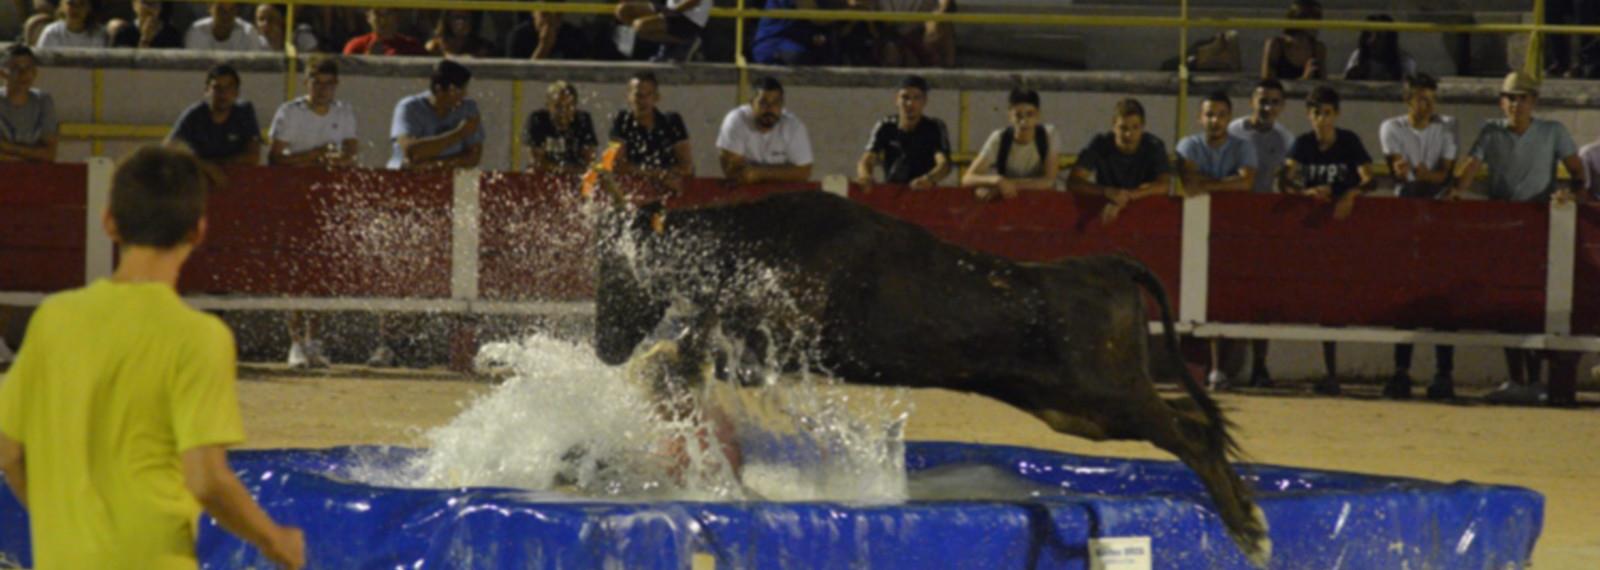 Toro piscine aux Arènes de Saint-Rémy-de-Provence